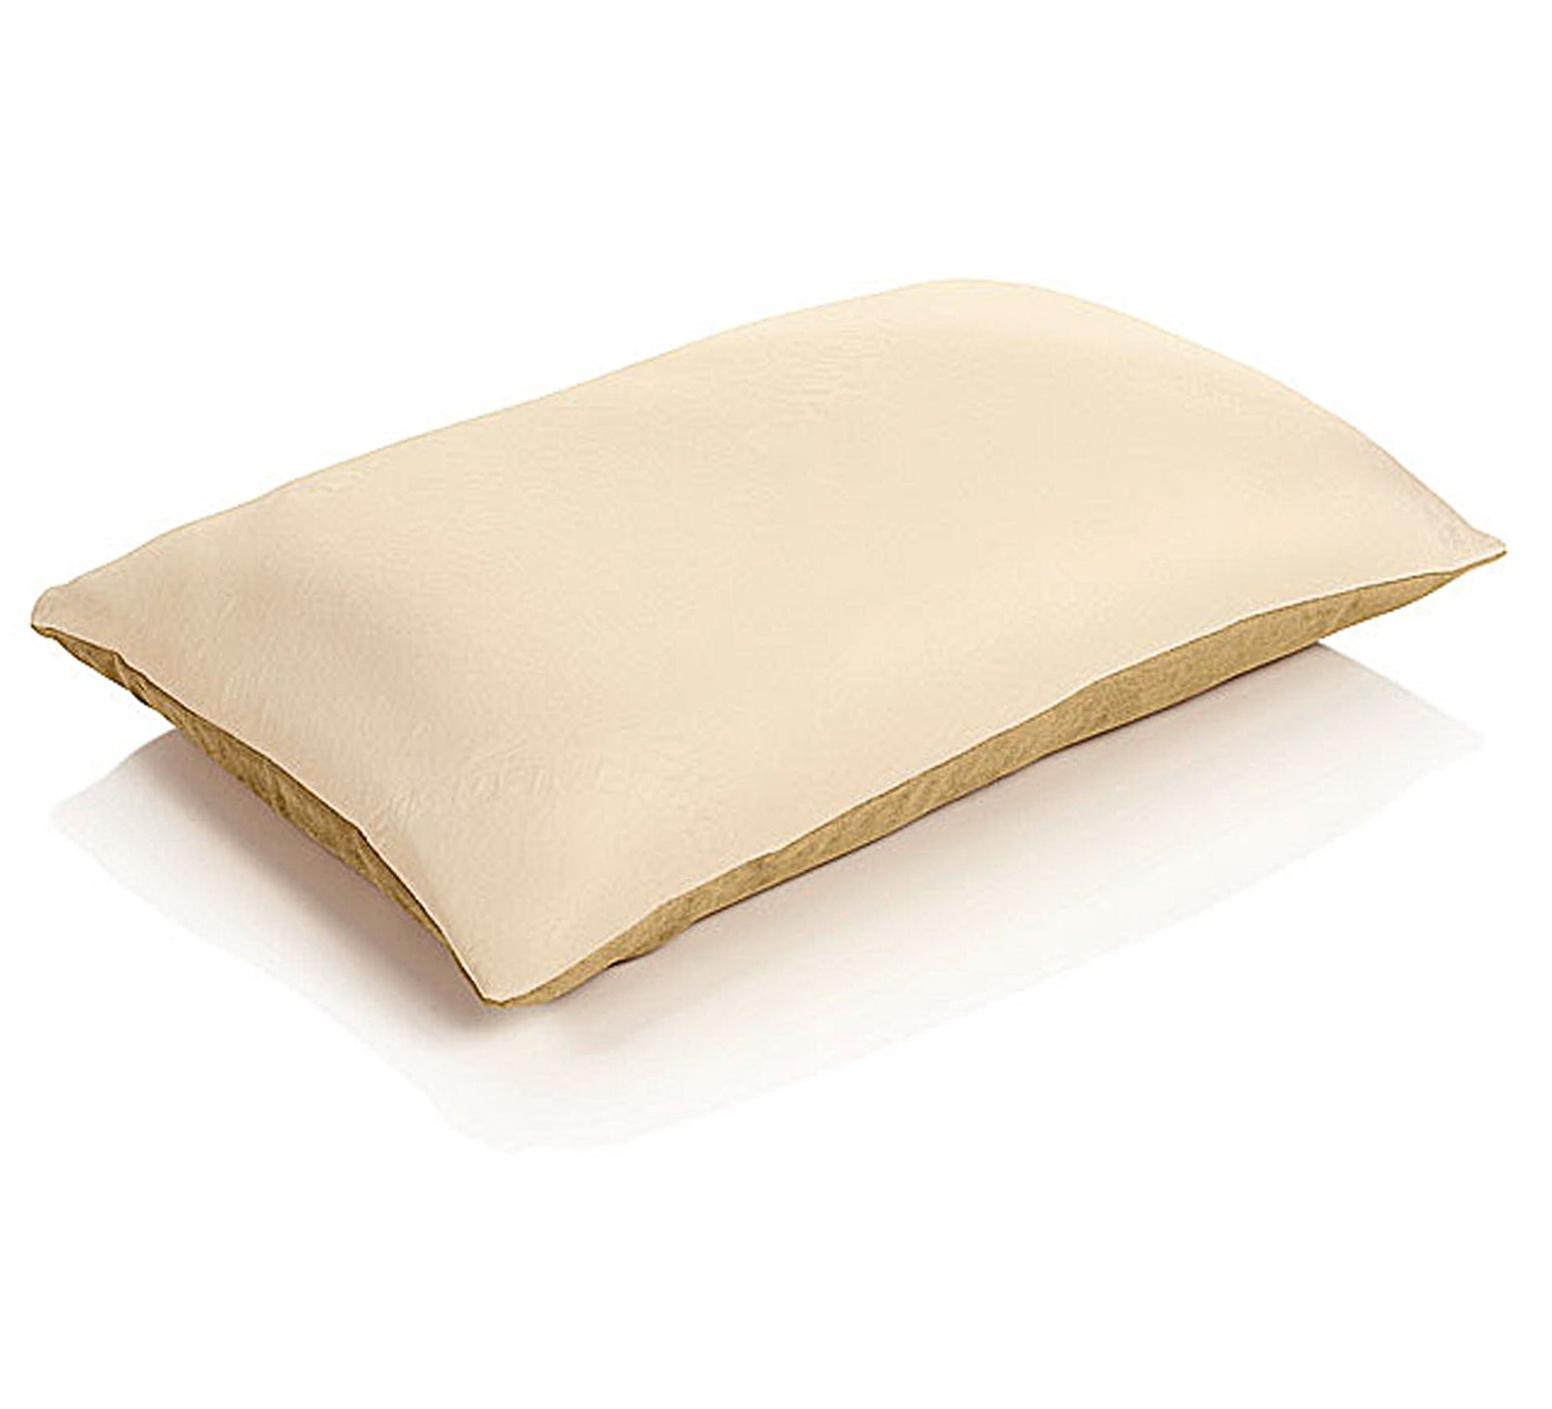 Tempur Pedic Seat Cushion Reviews Home Design Ideas